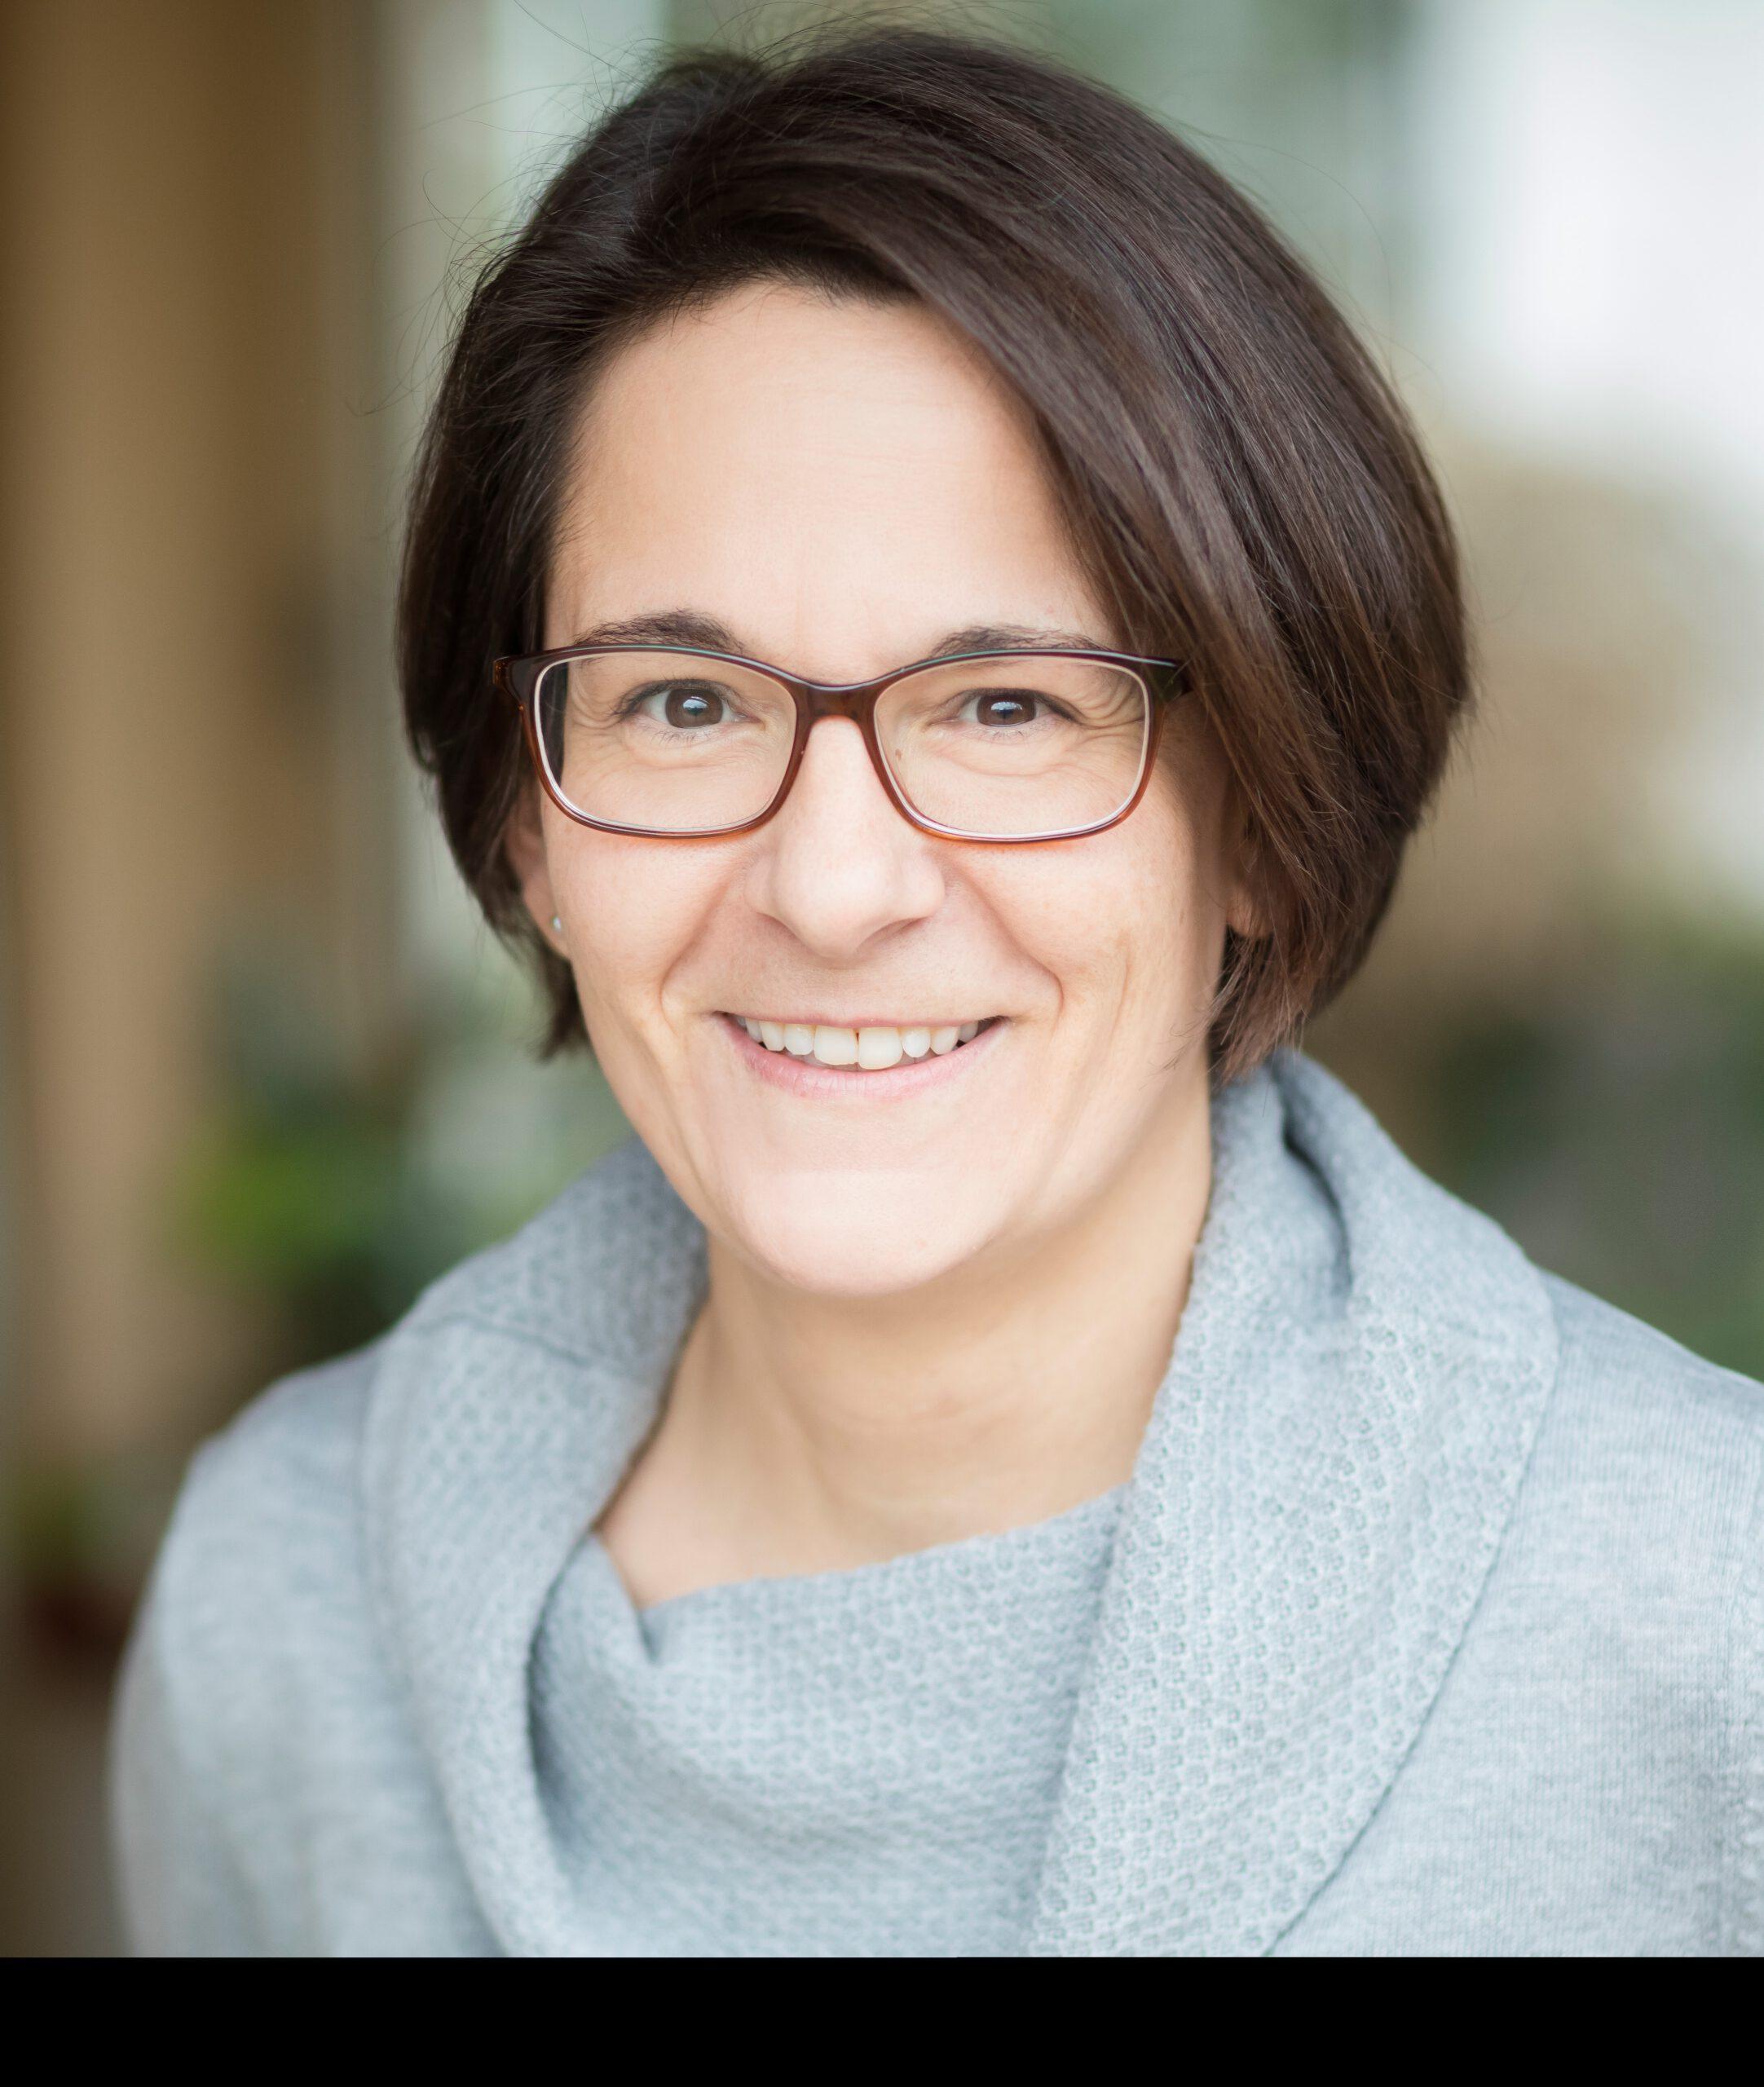 Mareike Kessler